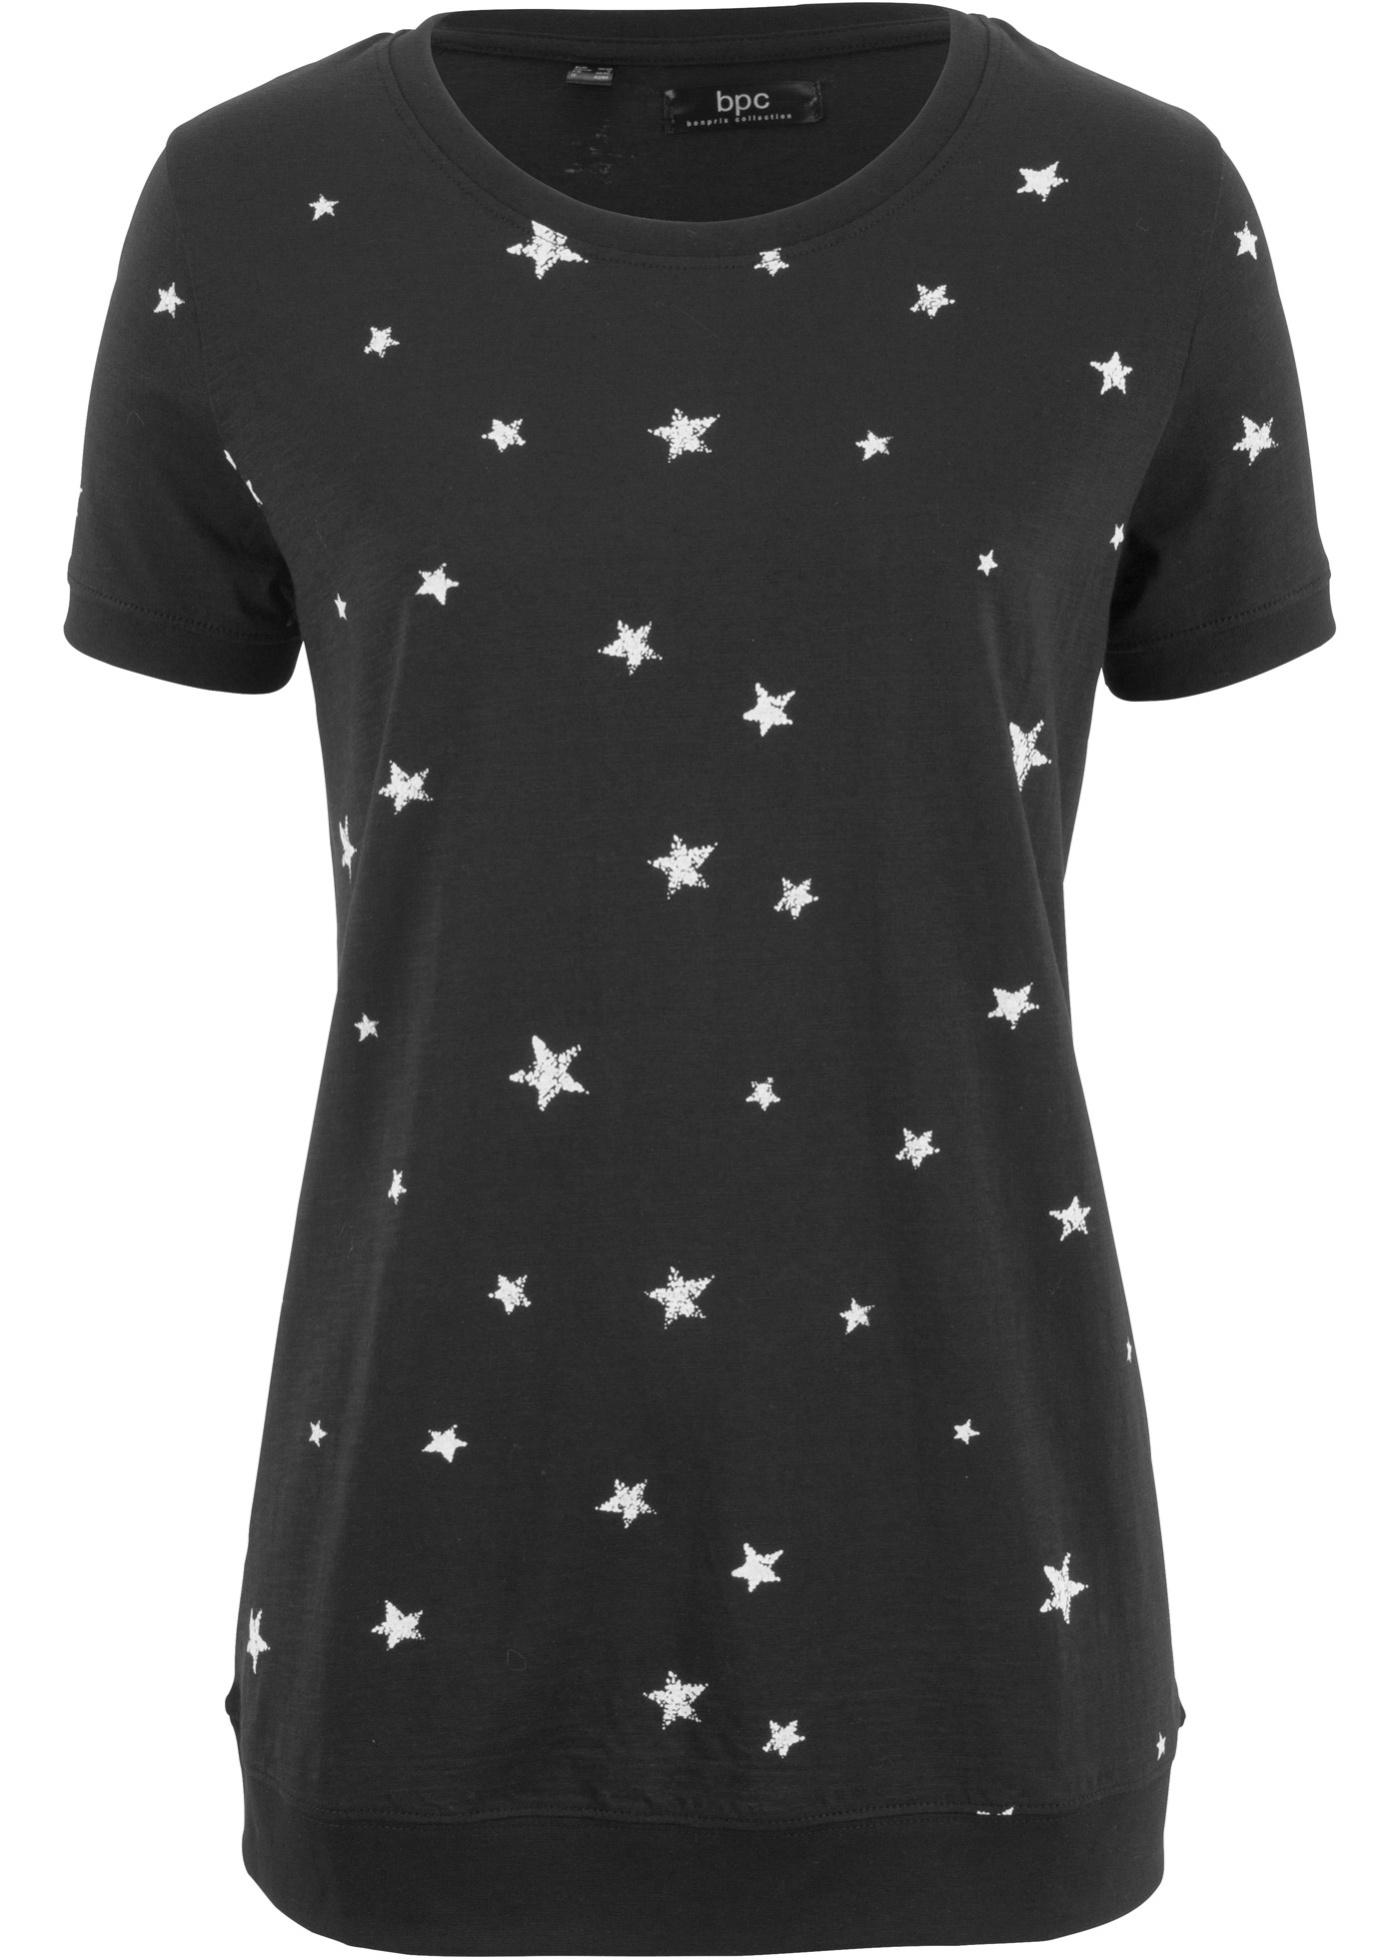 Bonprix CollectionT Noir Bpc Femme Pour LégerDemi shirt Coton manches Ygyvbf7Im6